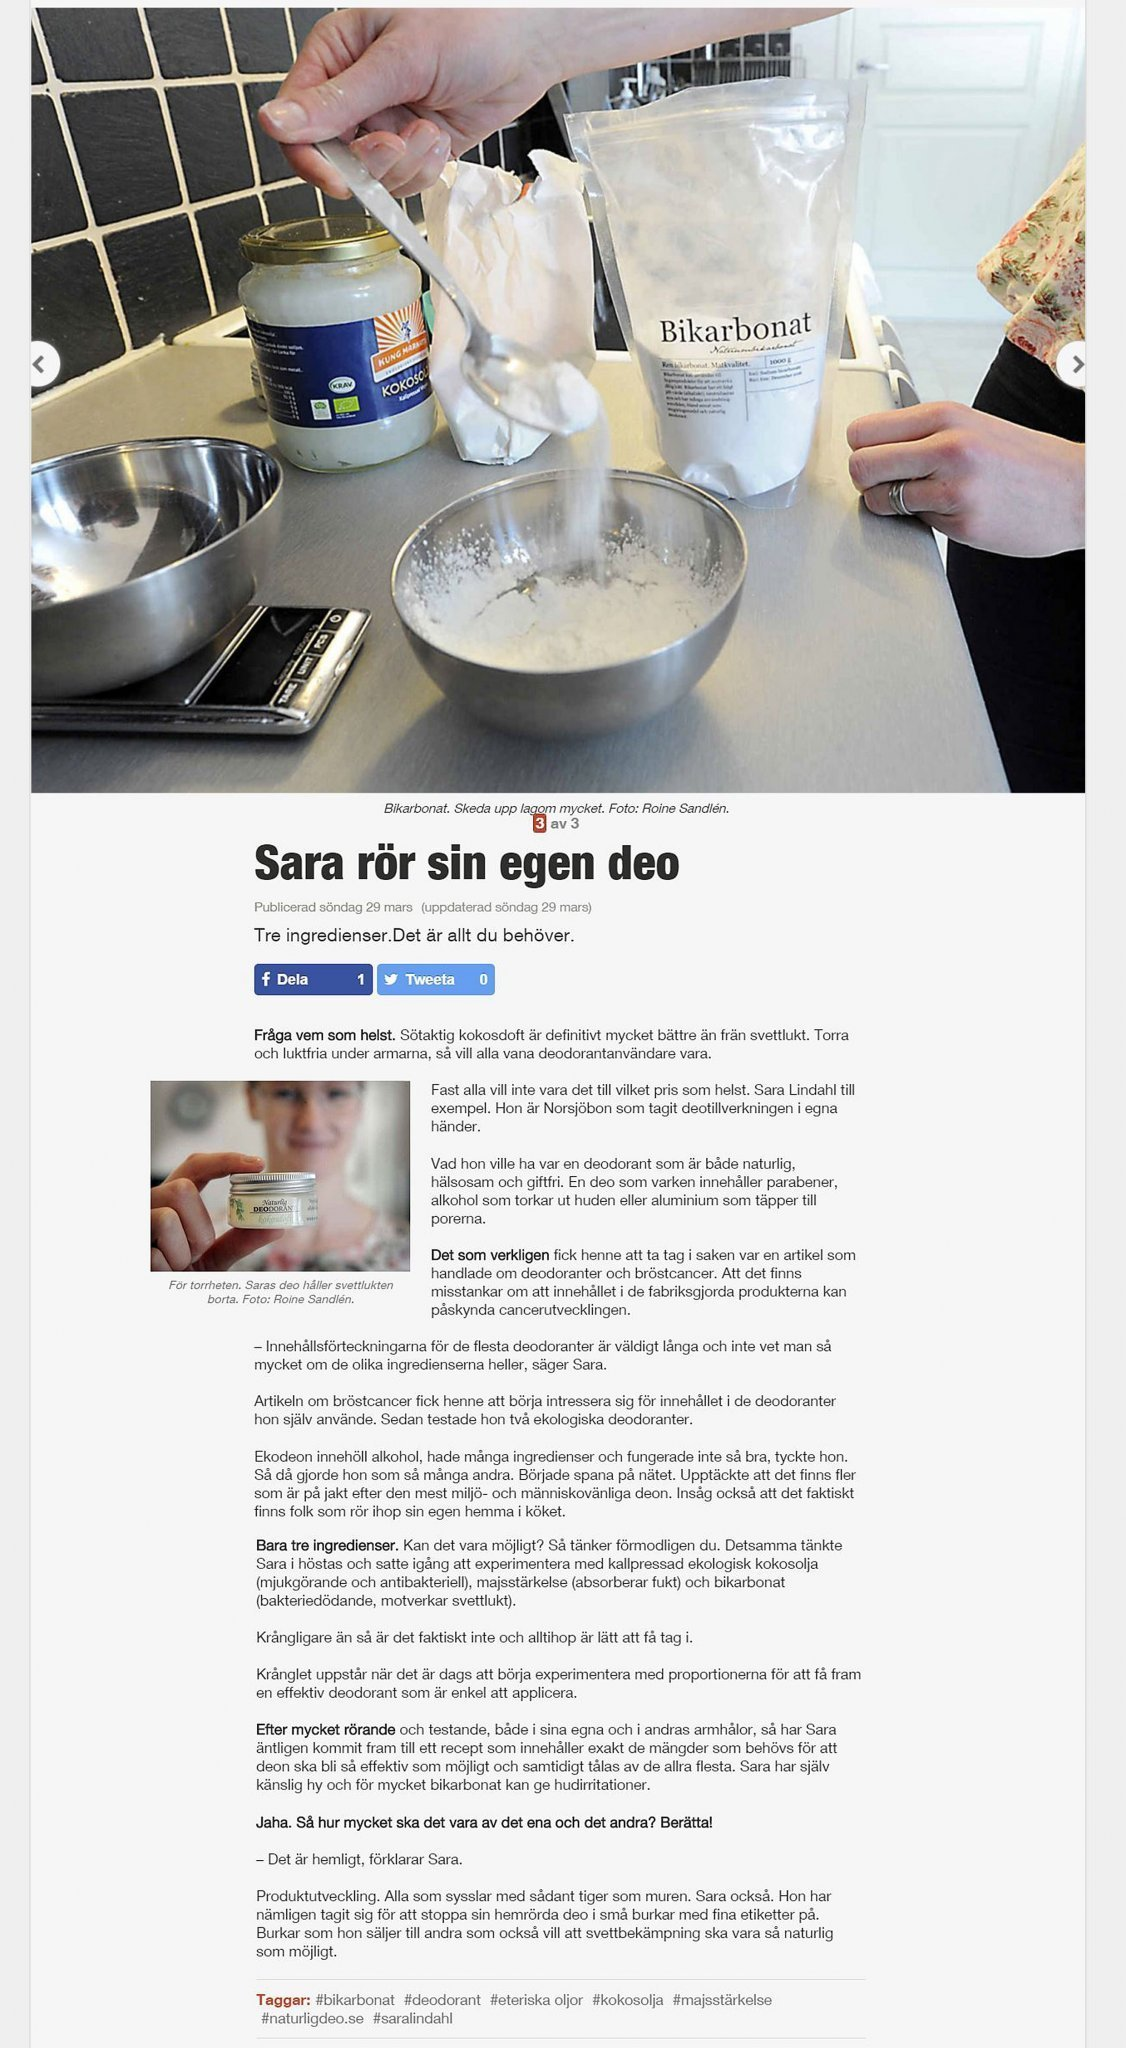 Norran_Klar